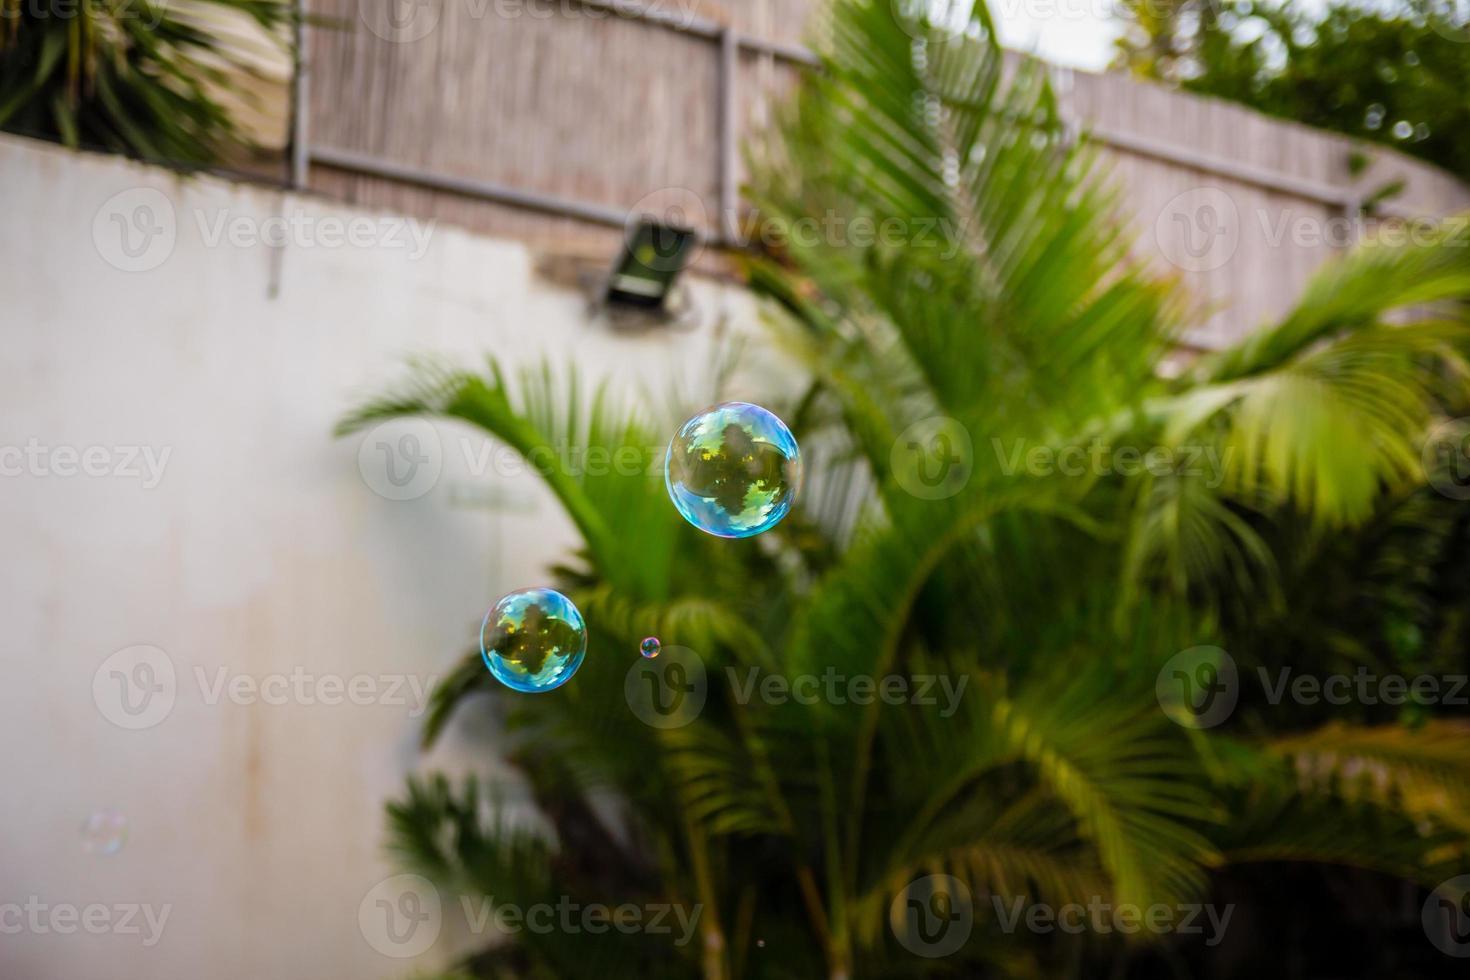 såpbubblor flyger i trädgården foto